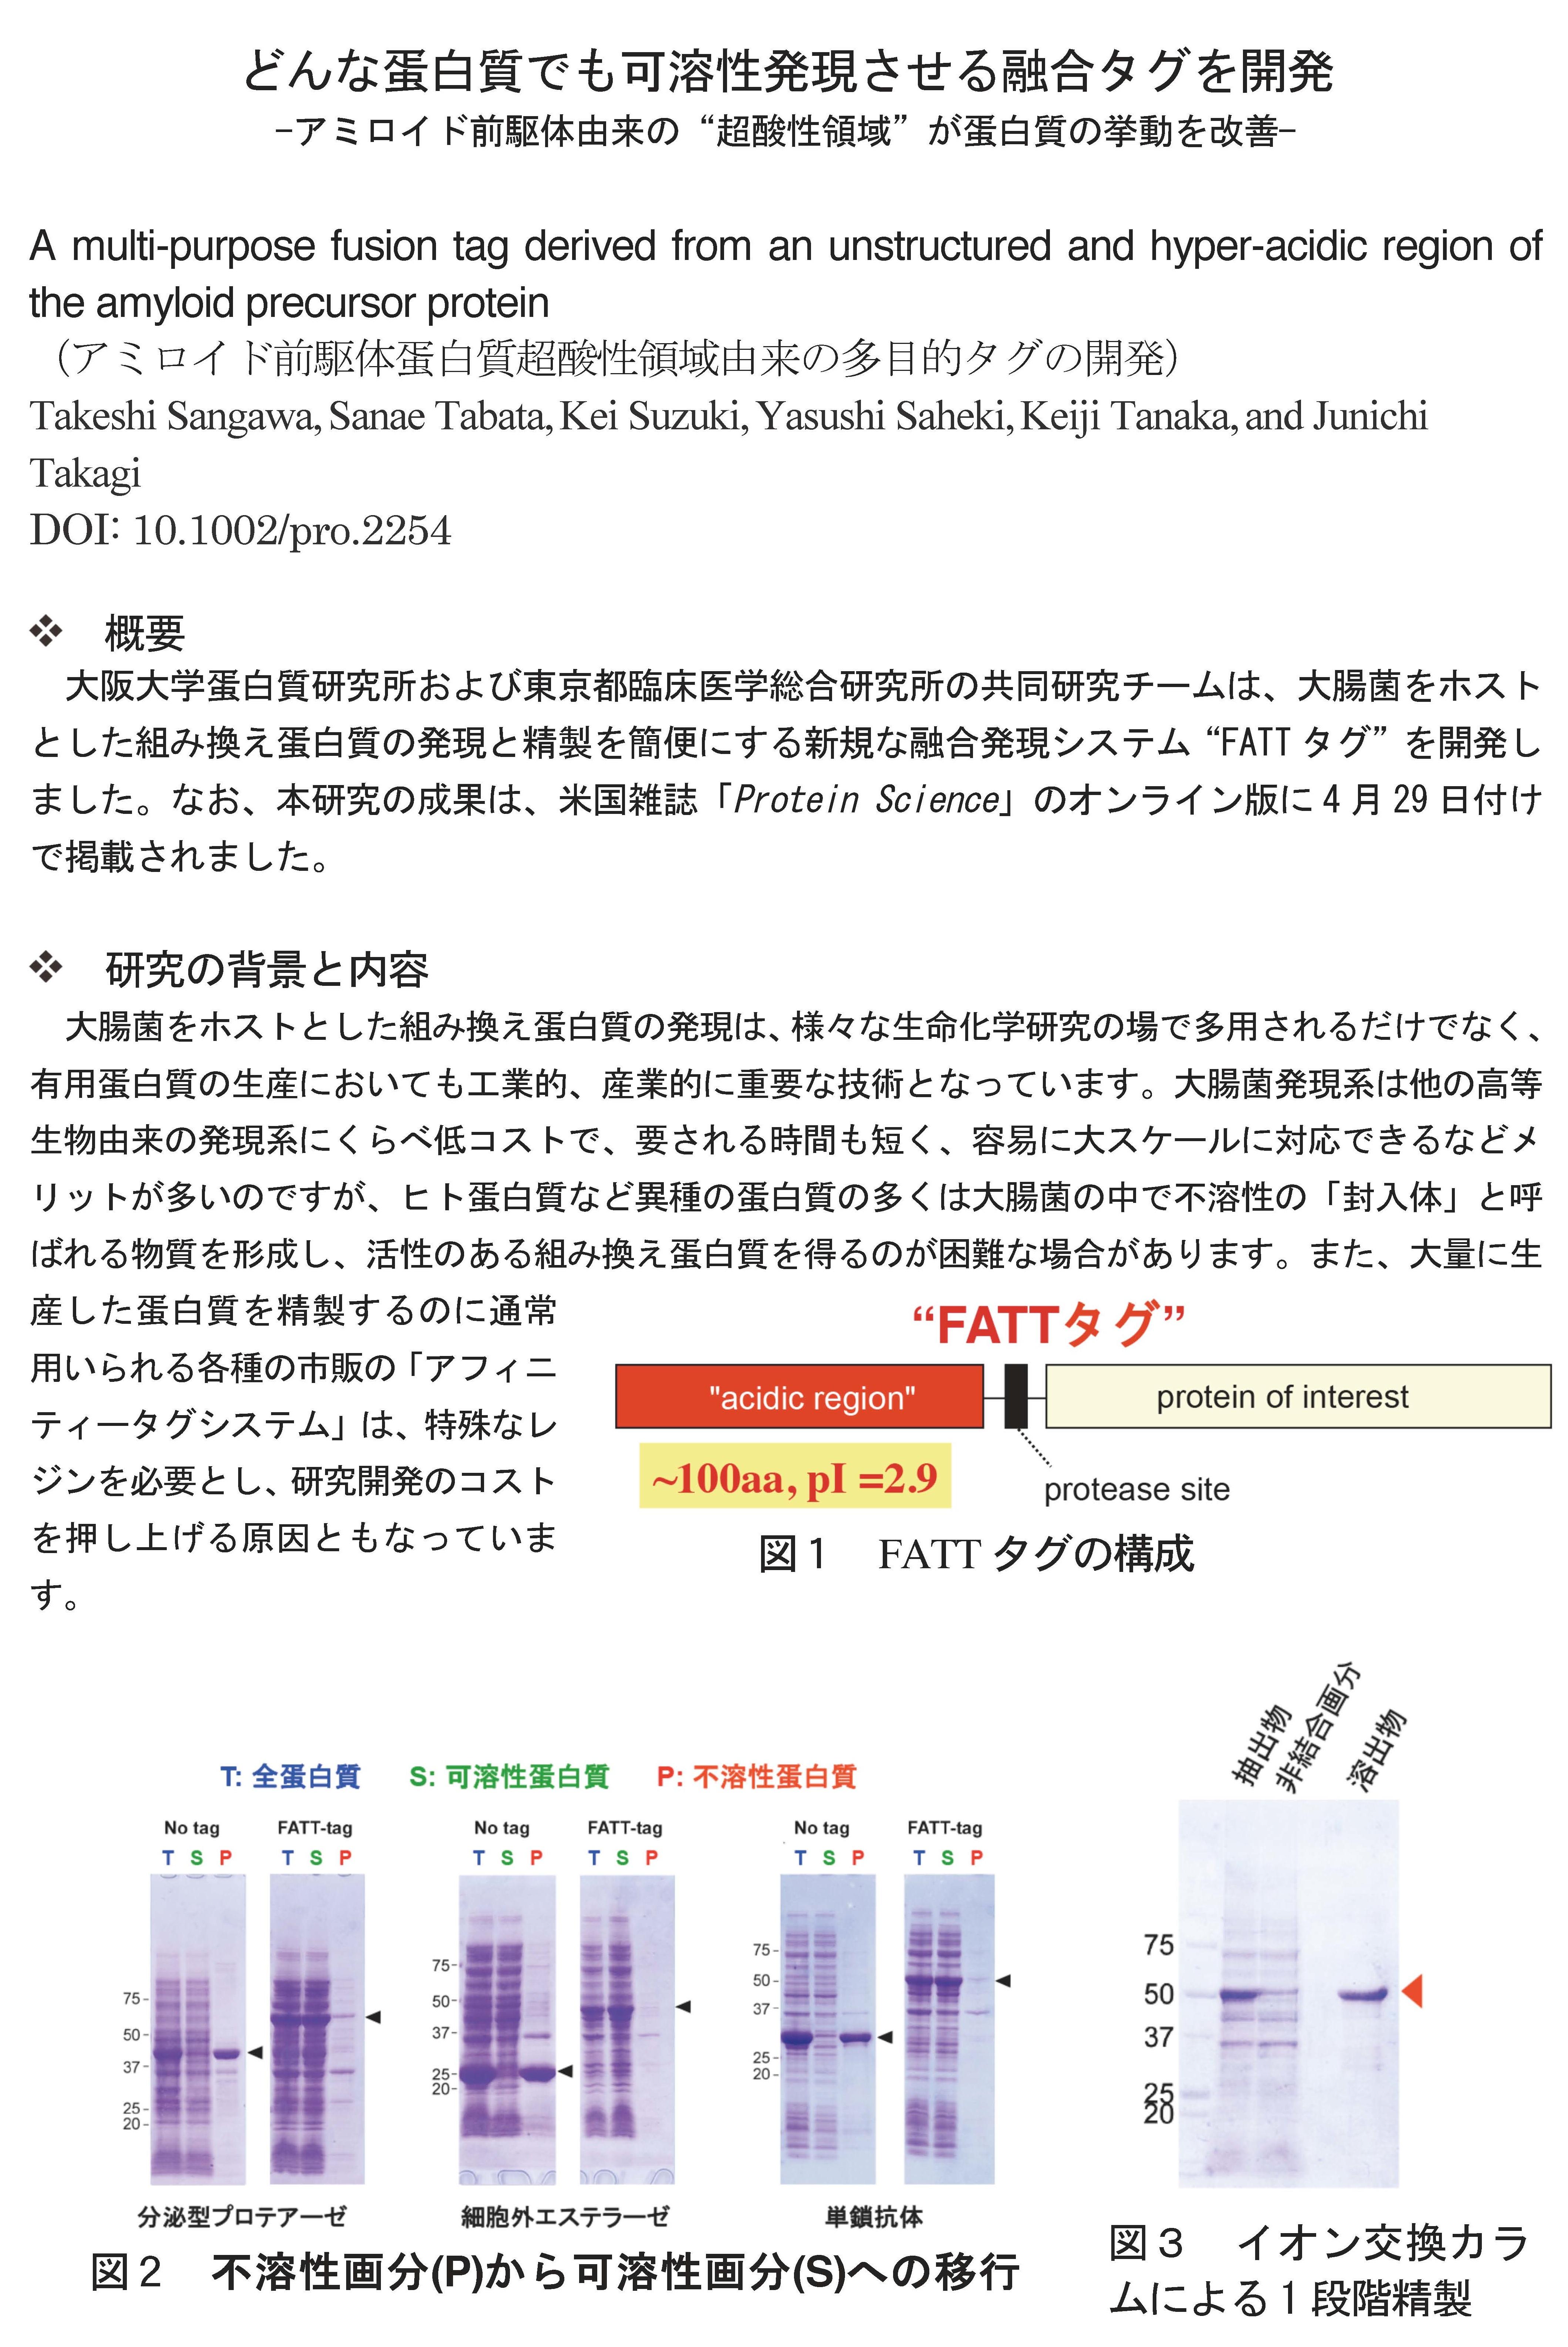 20130429_takagi_1.jpg